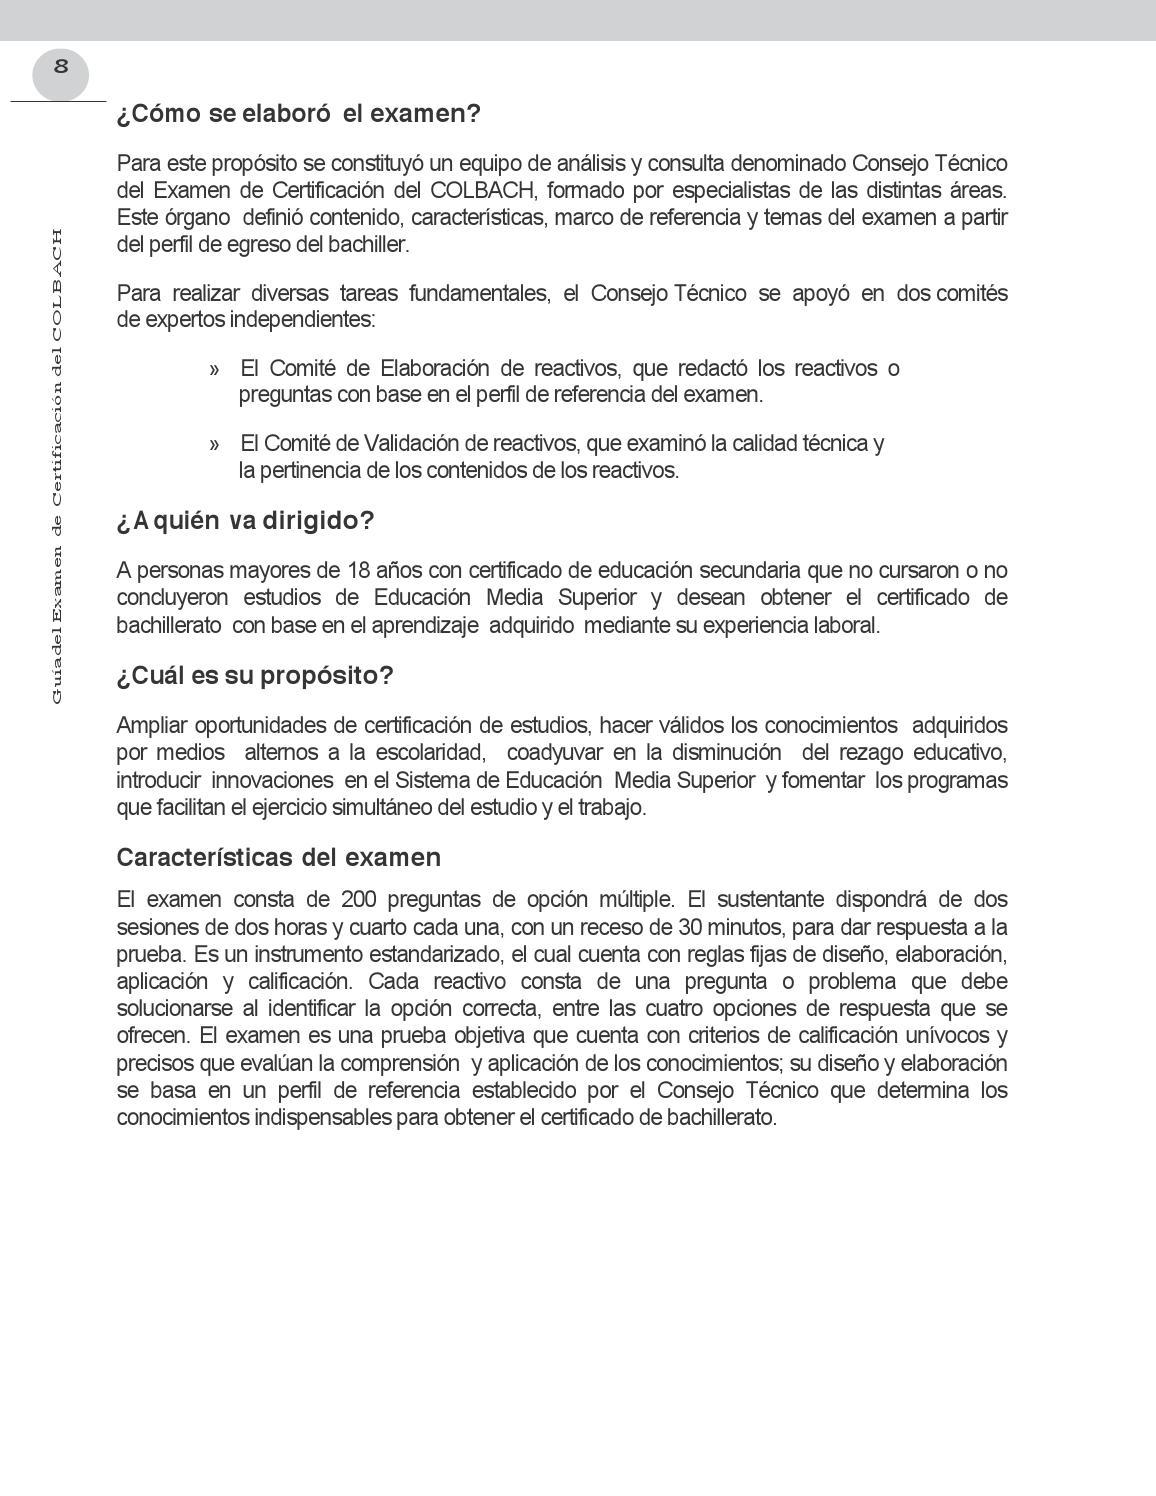 Asombroso Nha Flebotomía Examen De Certificación Adorno ...